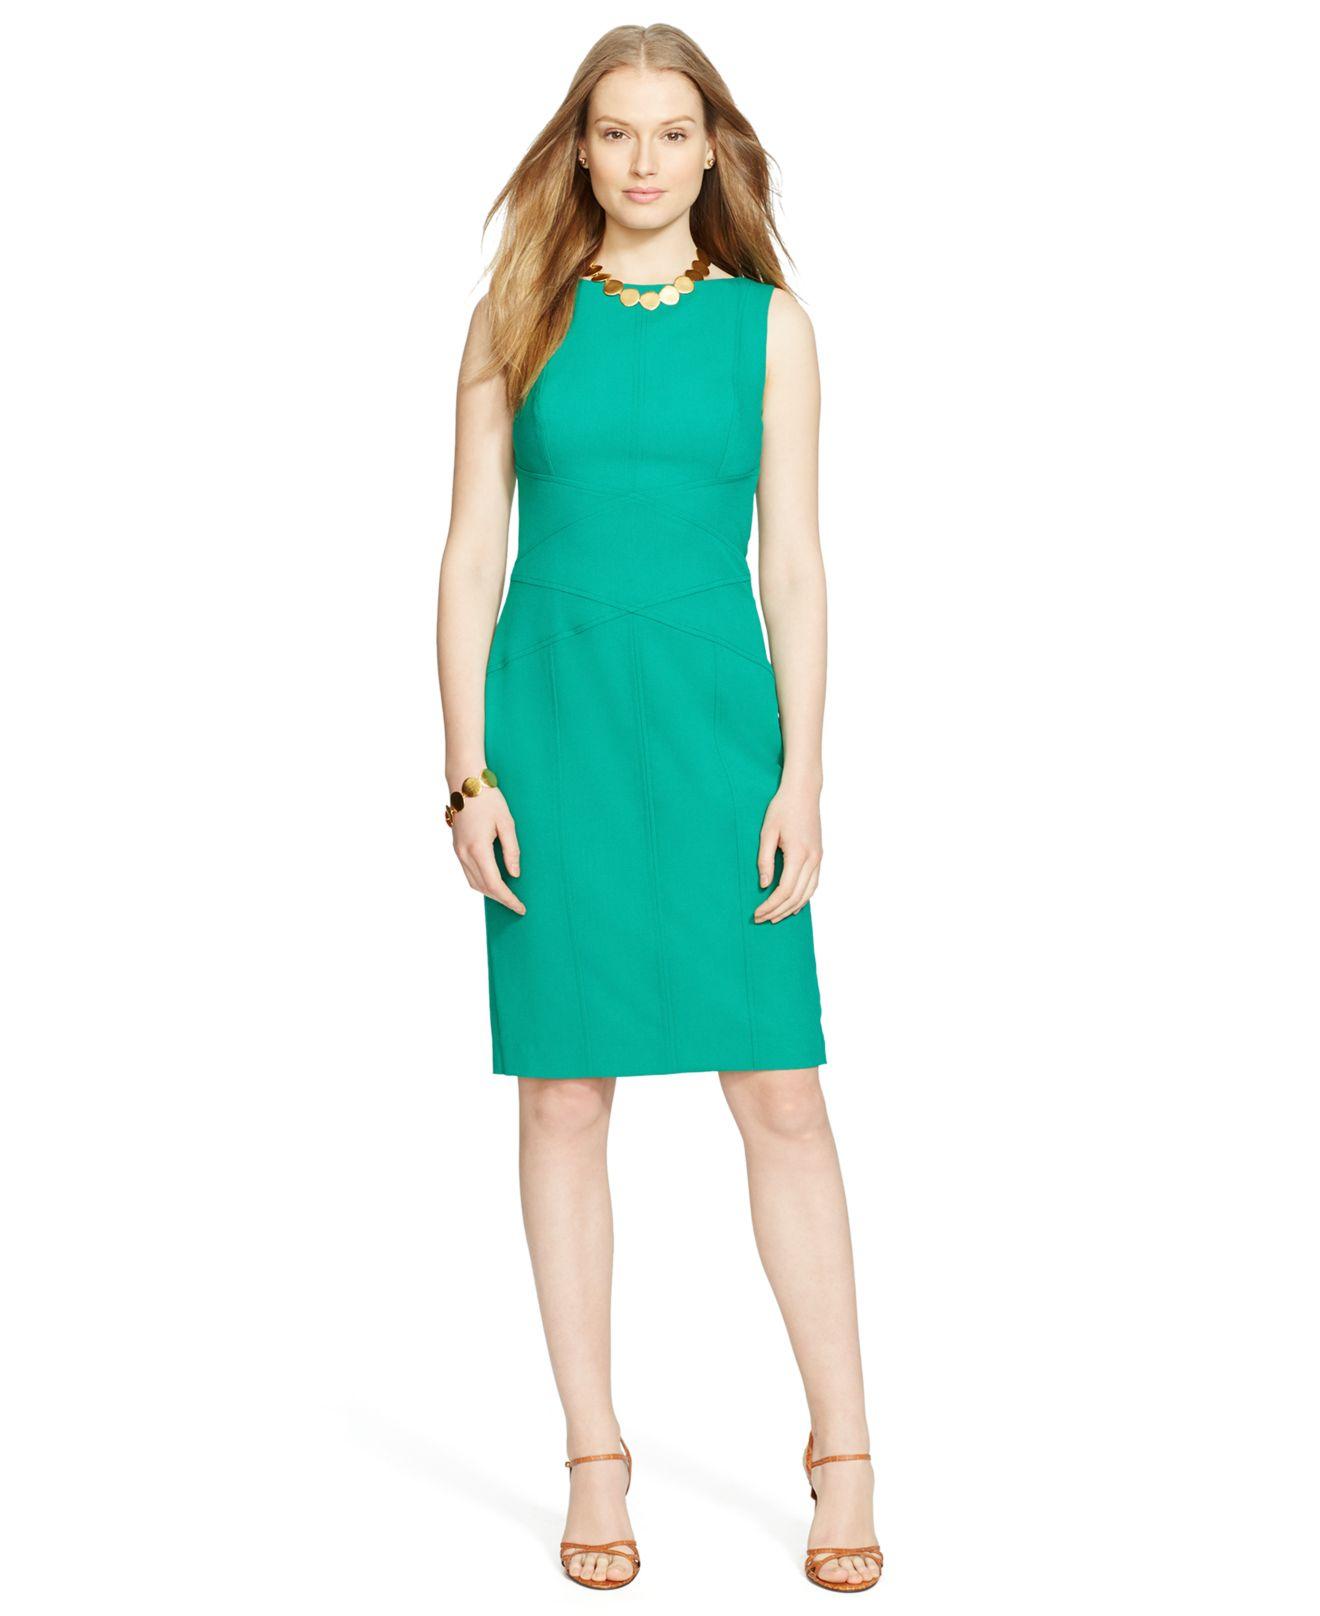 b389cae90e2389 Lyst - Lauren by Ralph Lauren Sleeveless Dress in Green